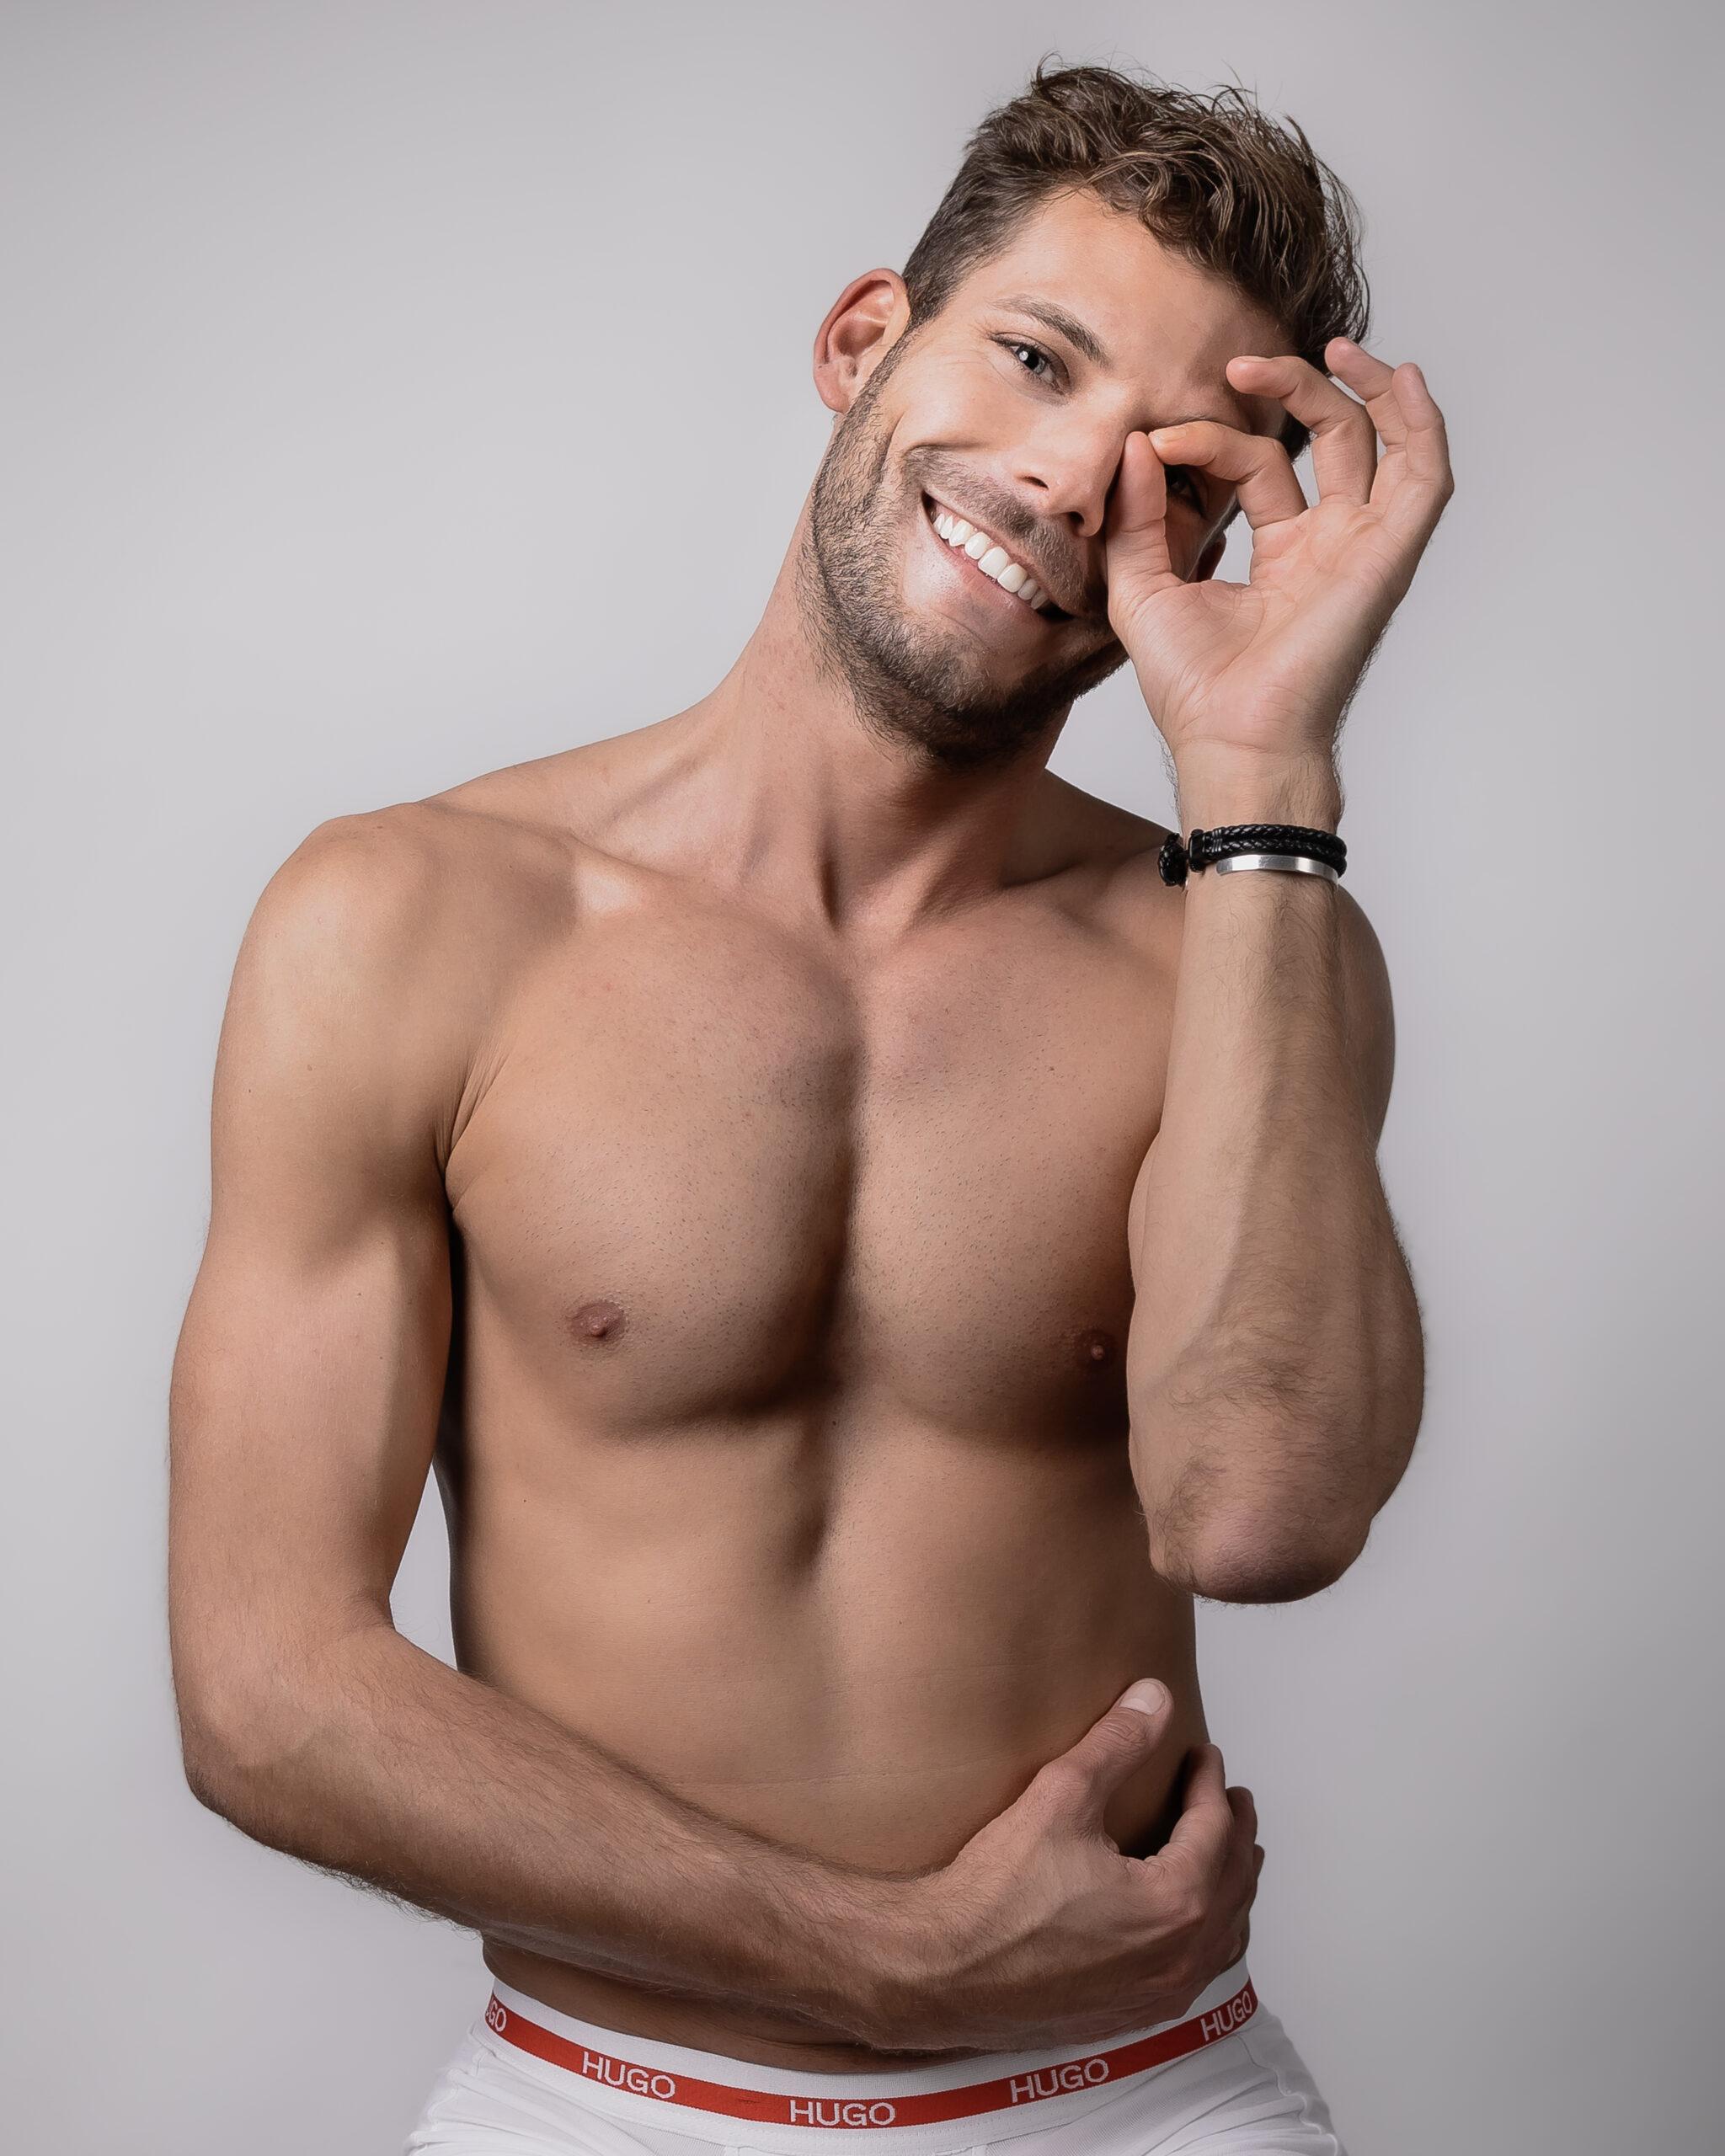 Männliche batthillblocfo: models junge Junge Männliche